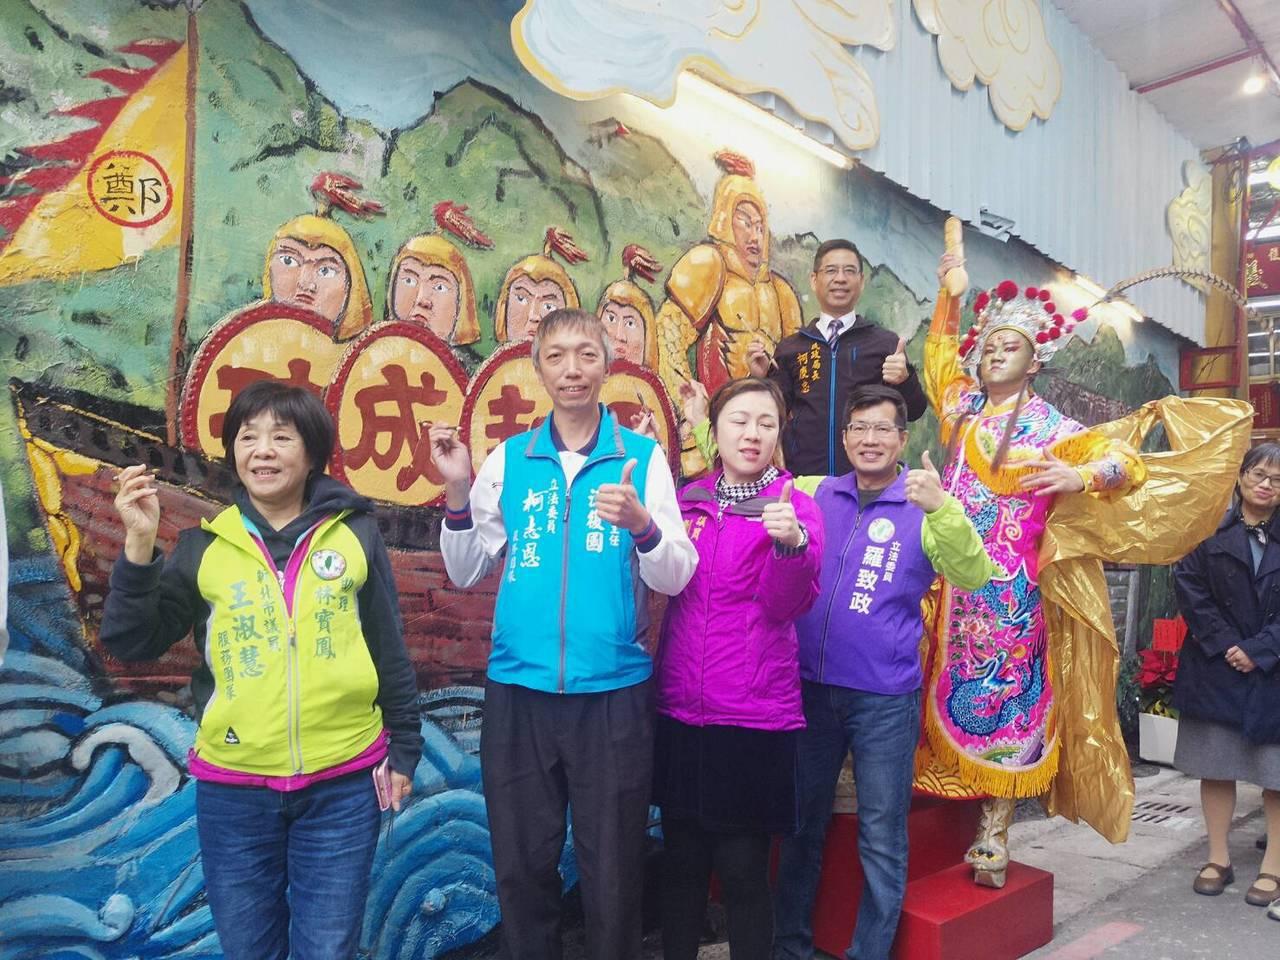 為美化巷道景觀,板橋公所及台藝大師生在延義宮牆面上打造13公尺巨幅彩繪浮雕。圖/...